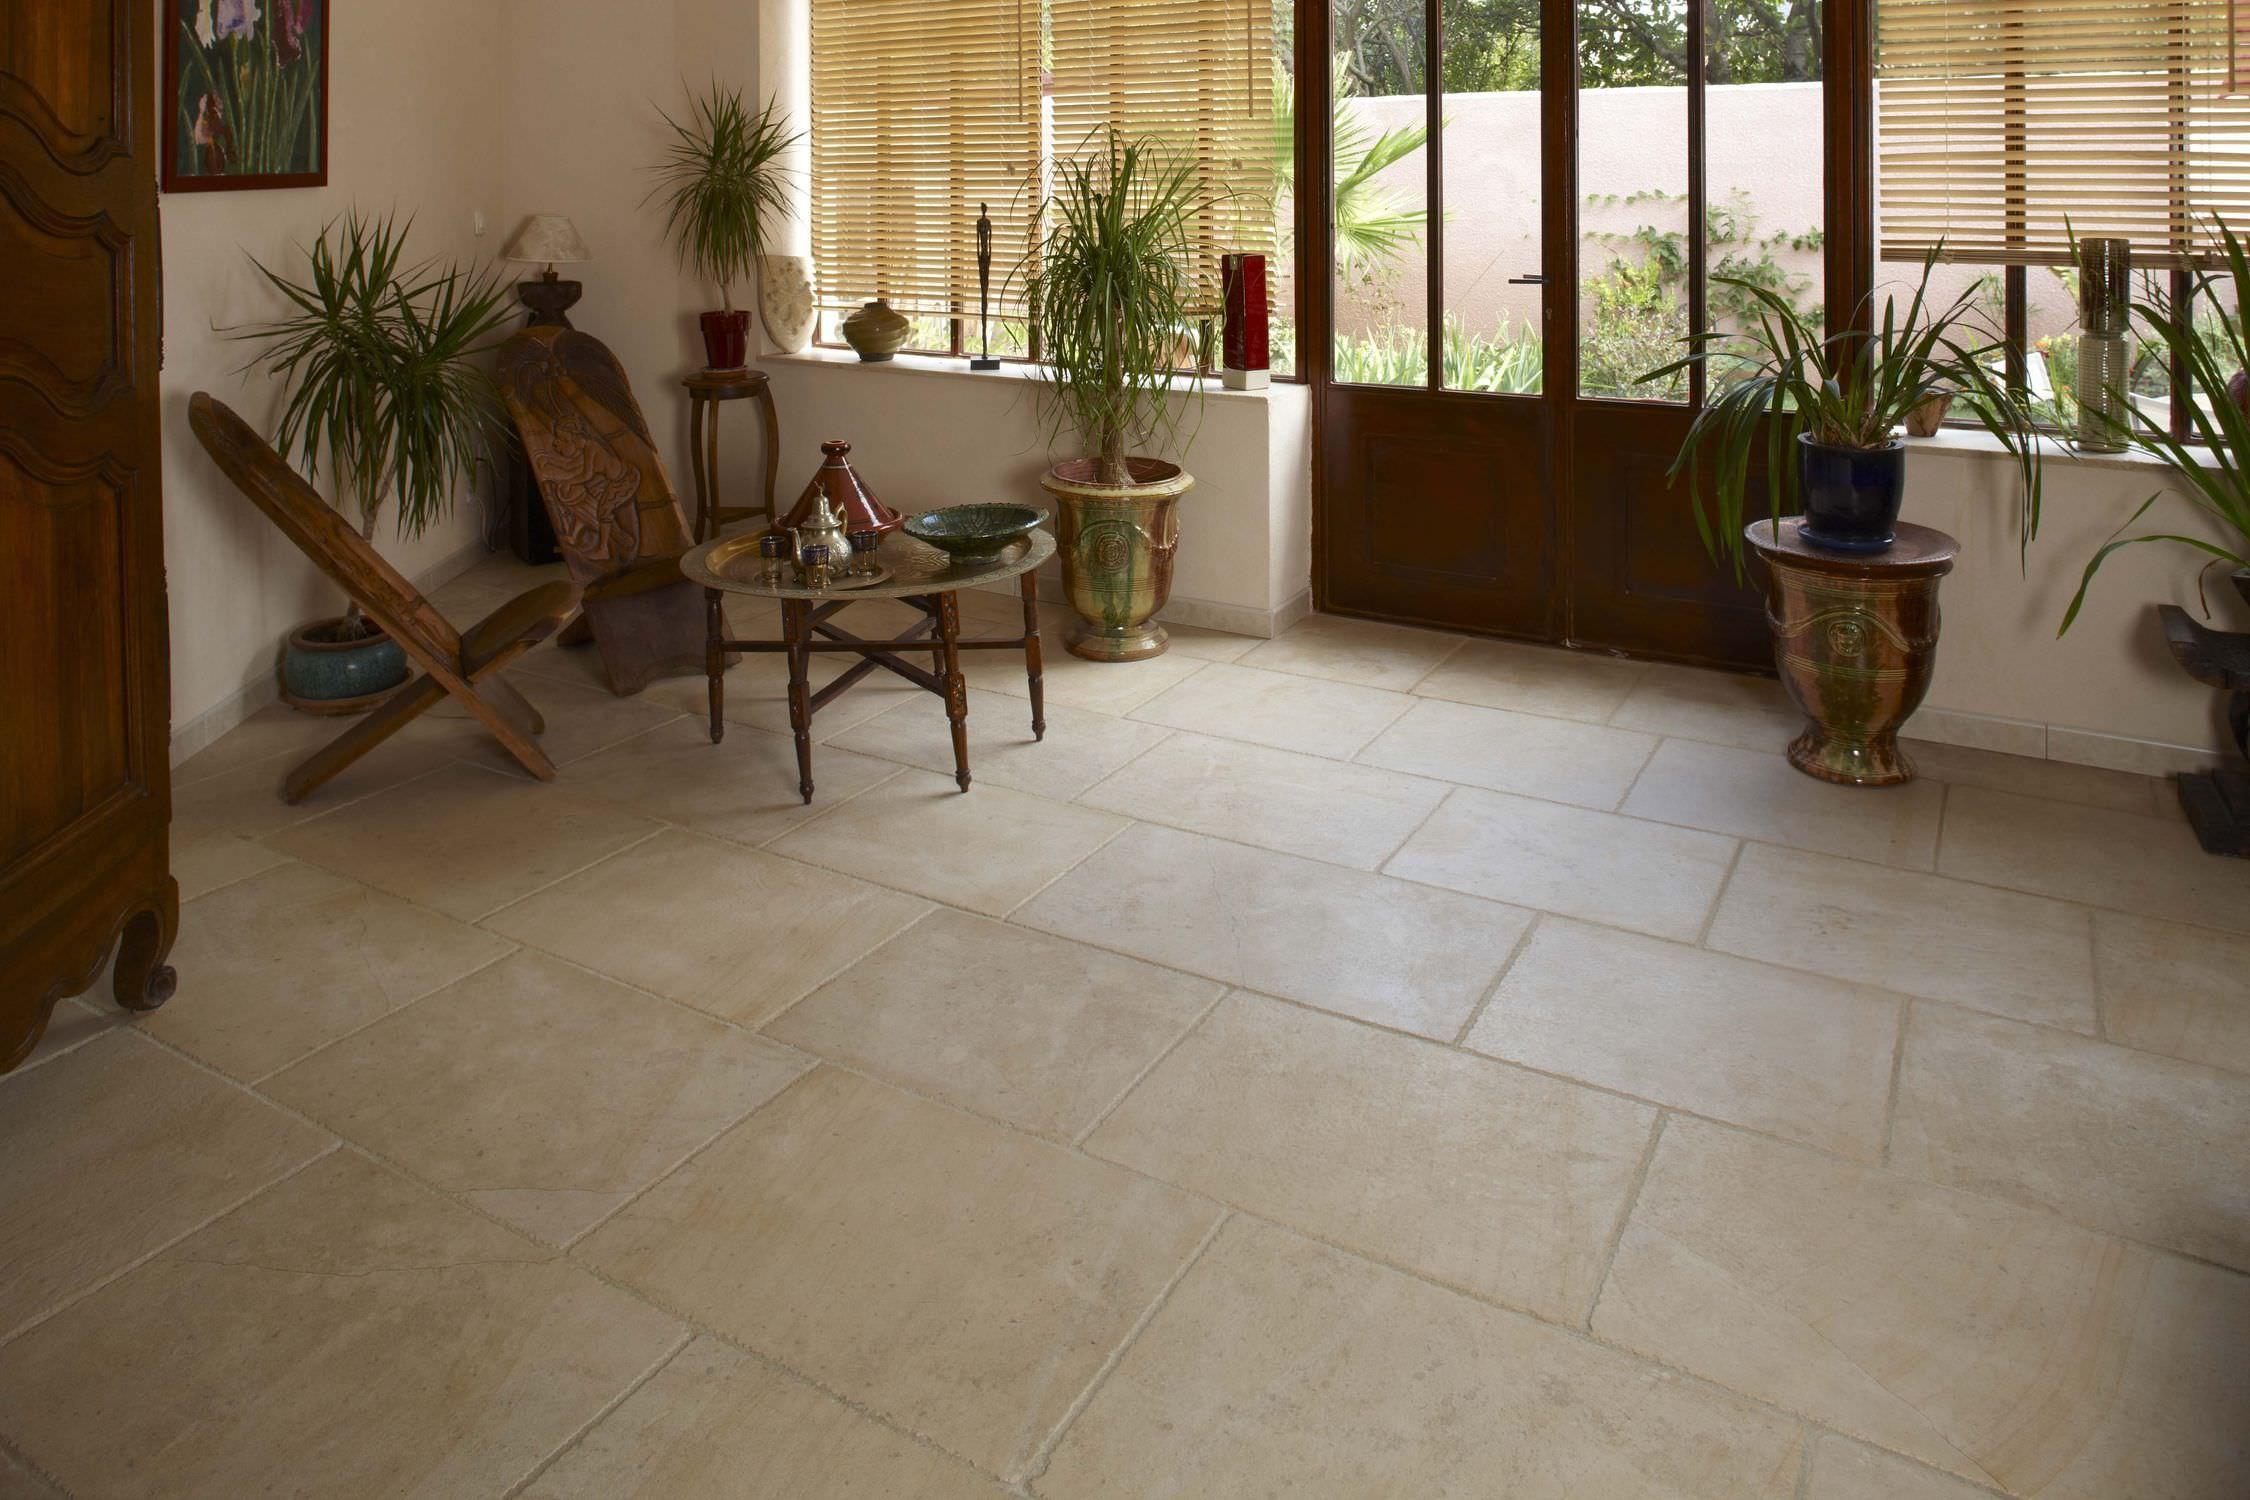 Carrelage de sol / en pierre naturelle - AUBEROCHE QUERCY BLANC ...